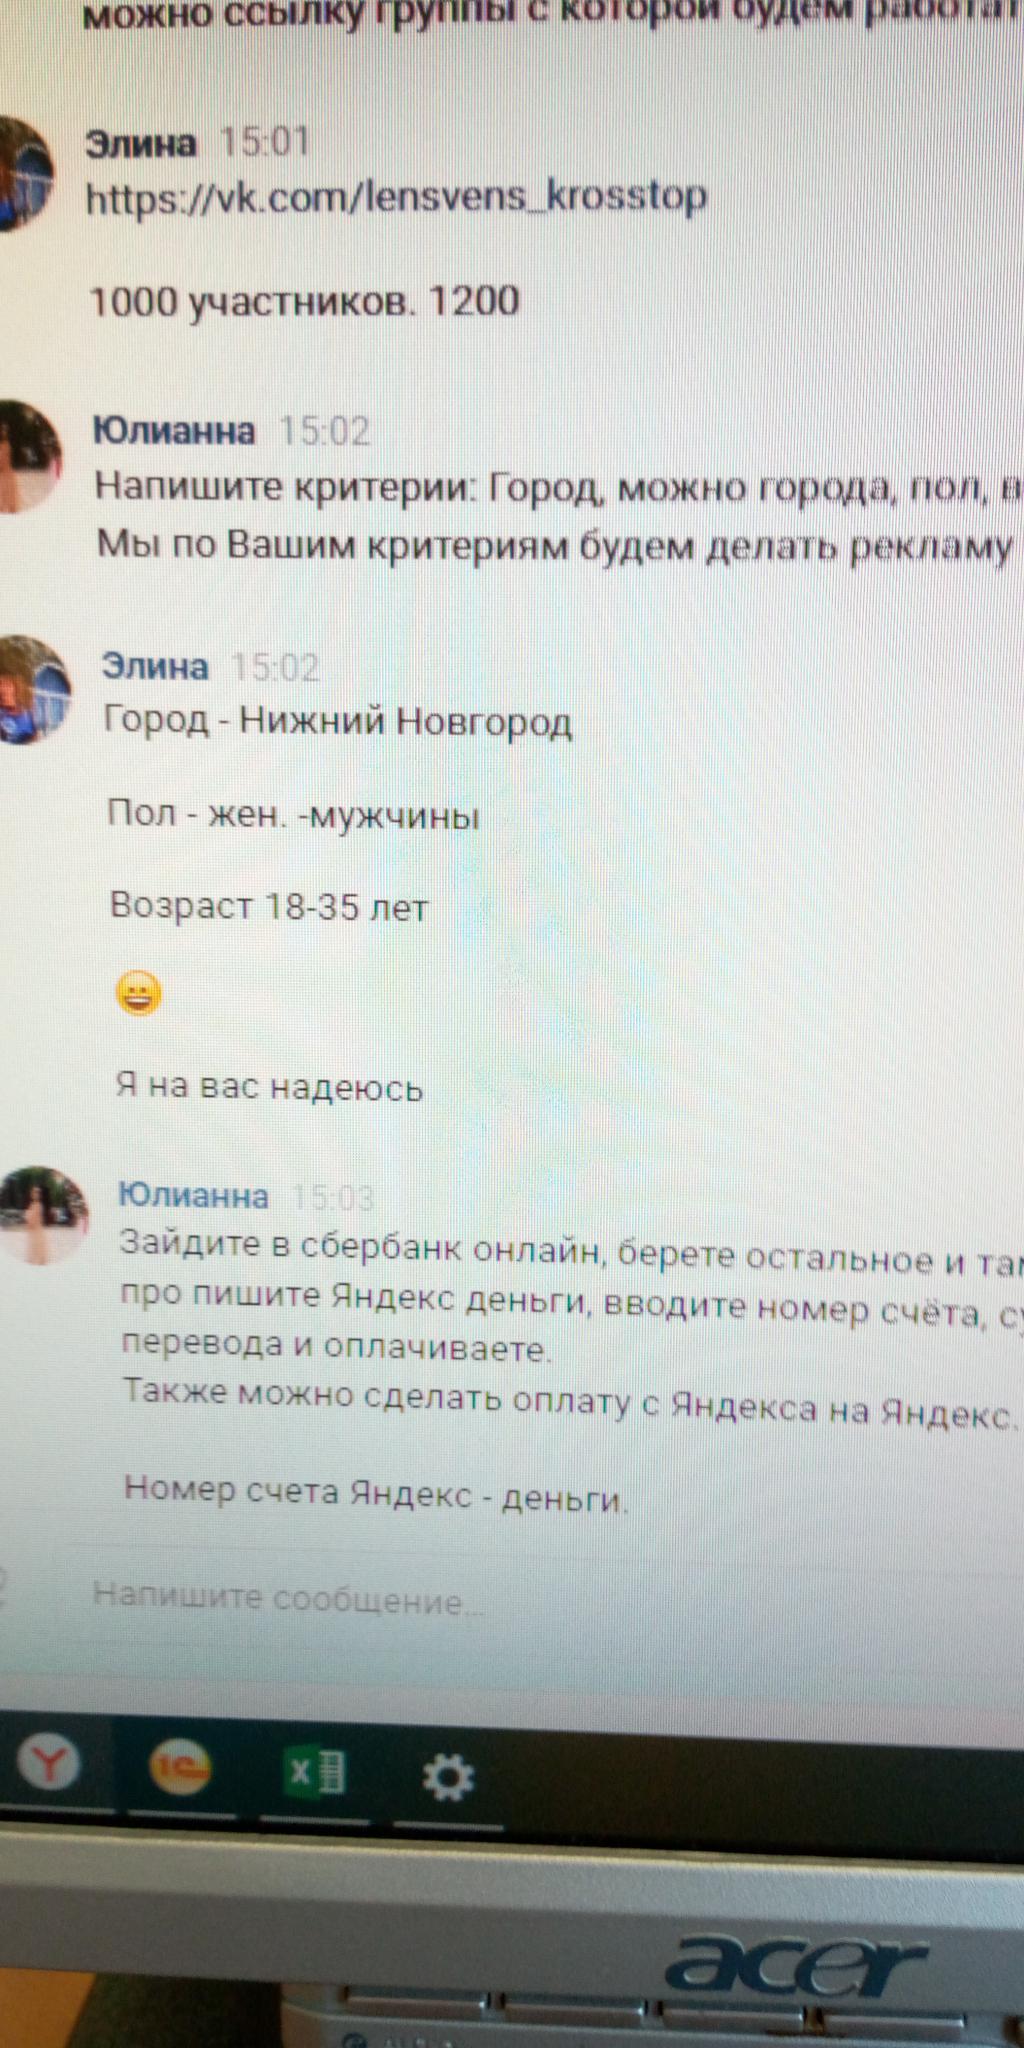 ВКонтакте - Мошенница Юлианна Ветрова